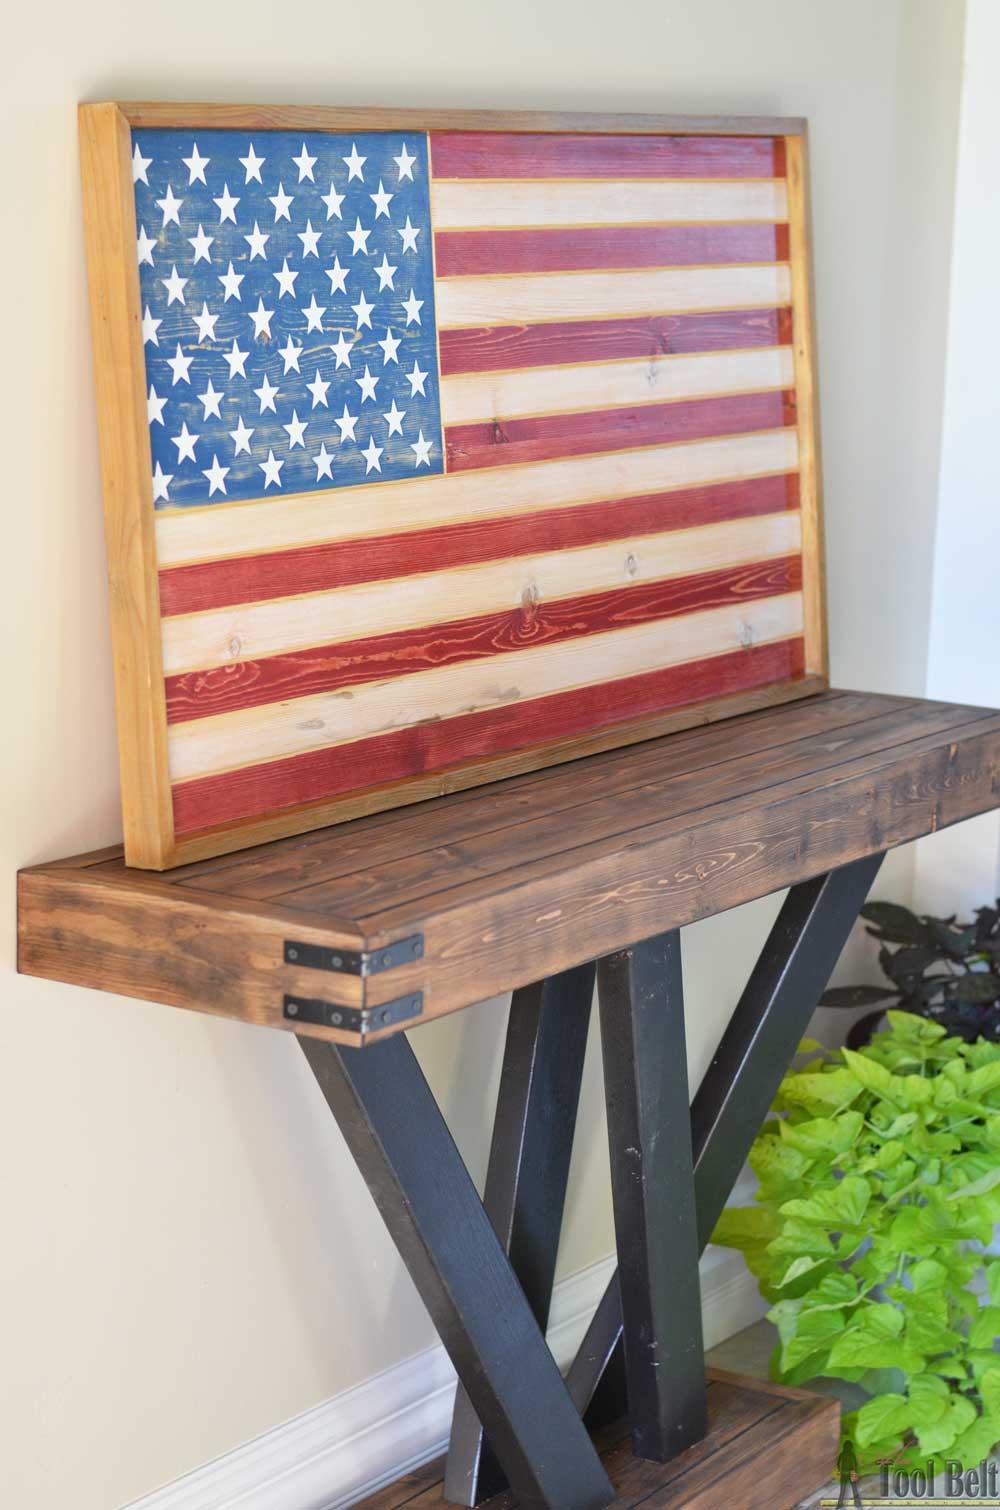 Diy Patriotic Wood Flag Her Tool Belt